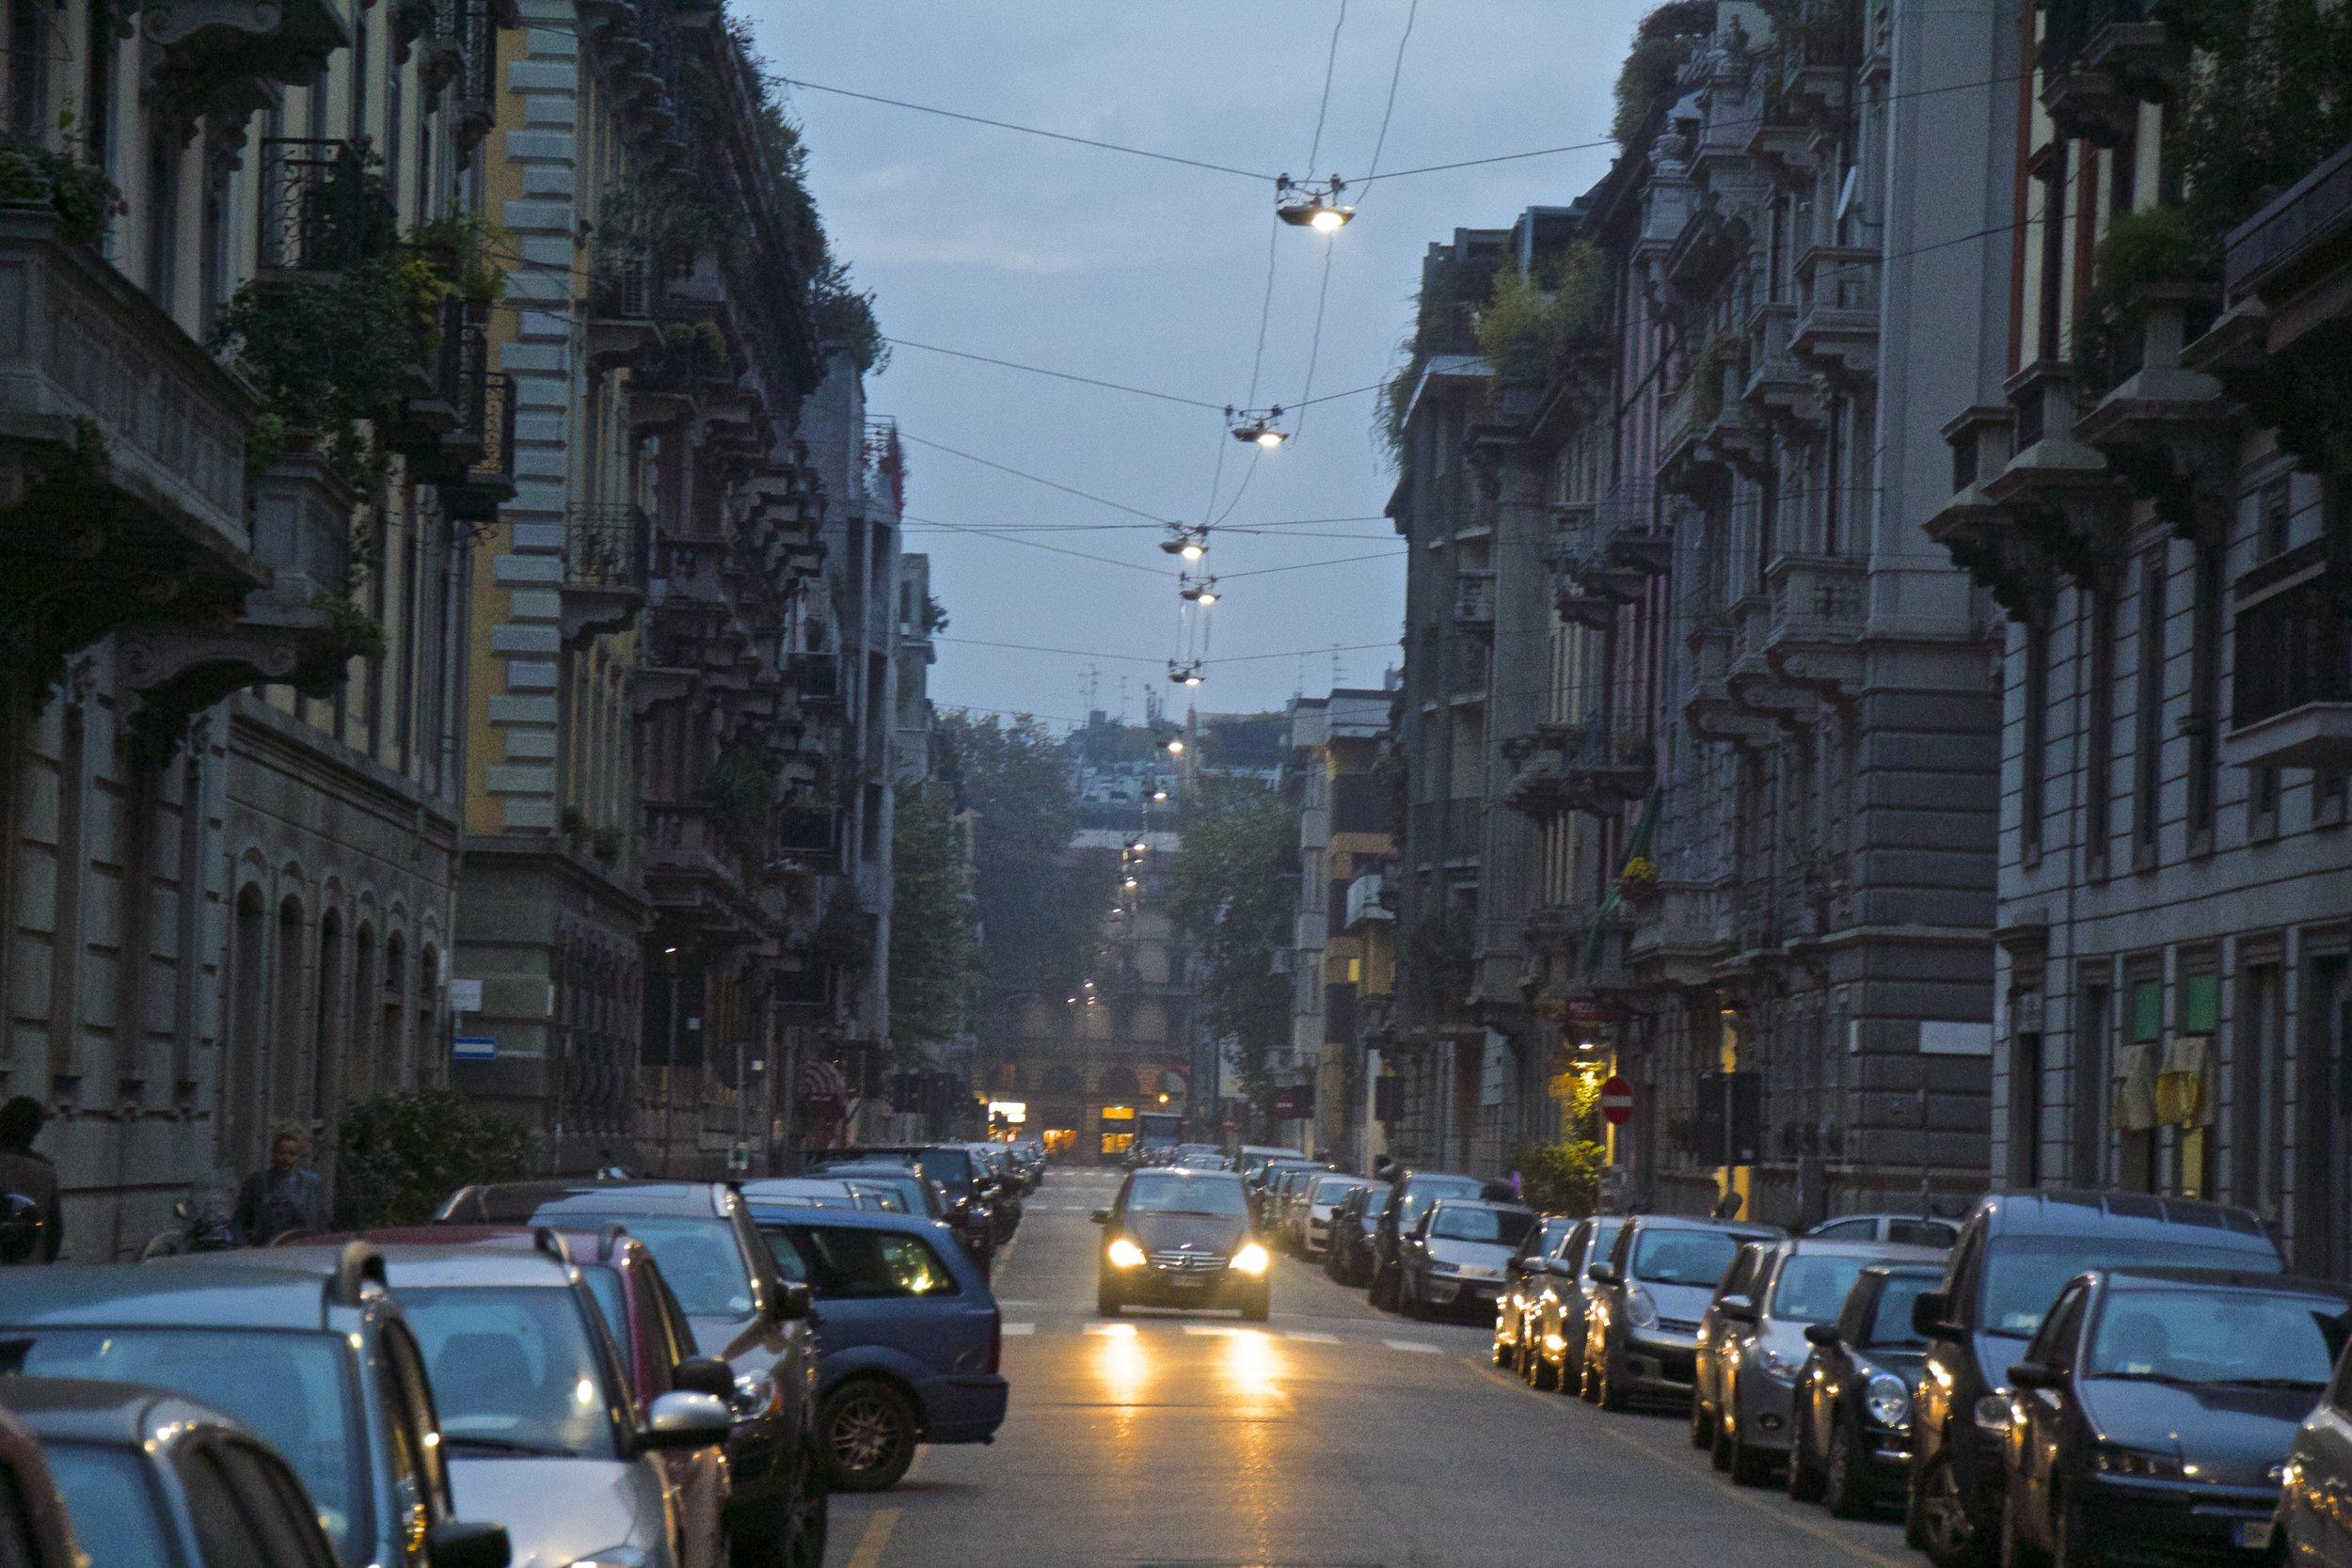 milan milano streets italy 10.jpg